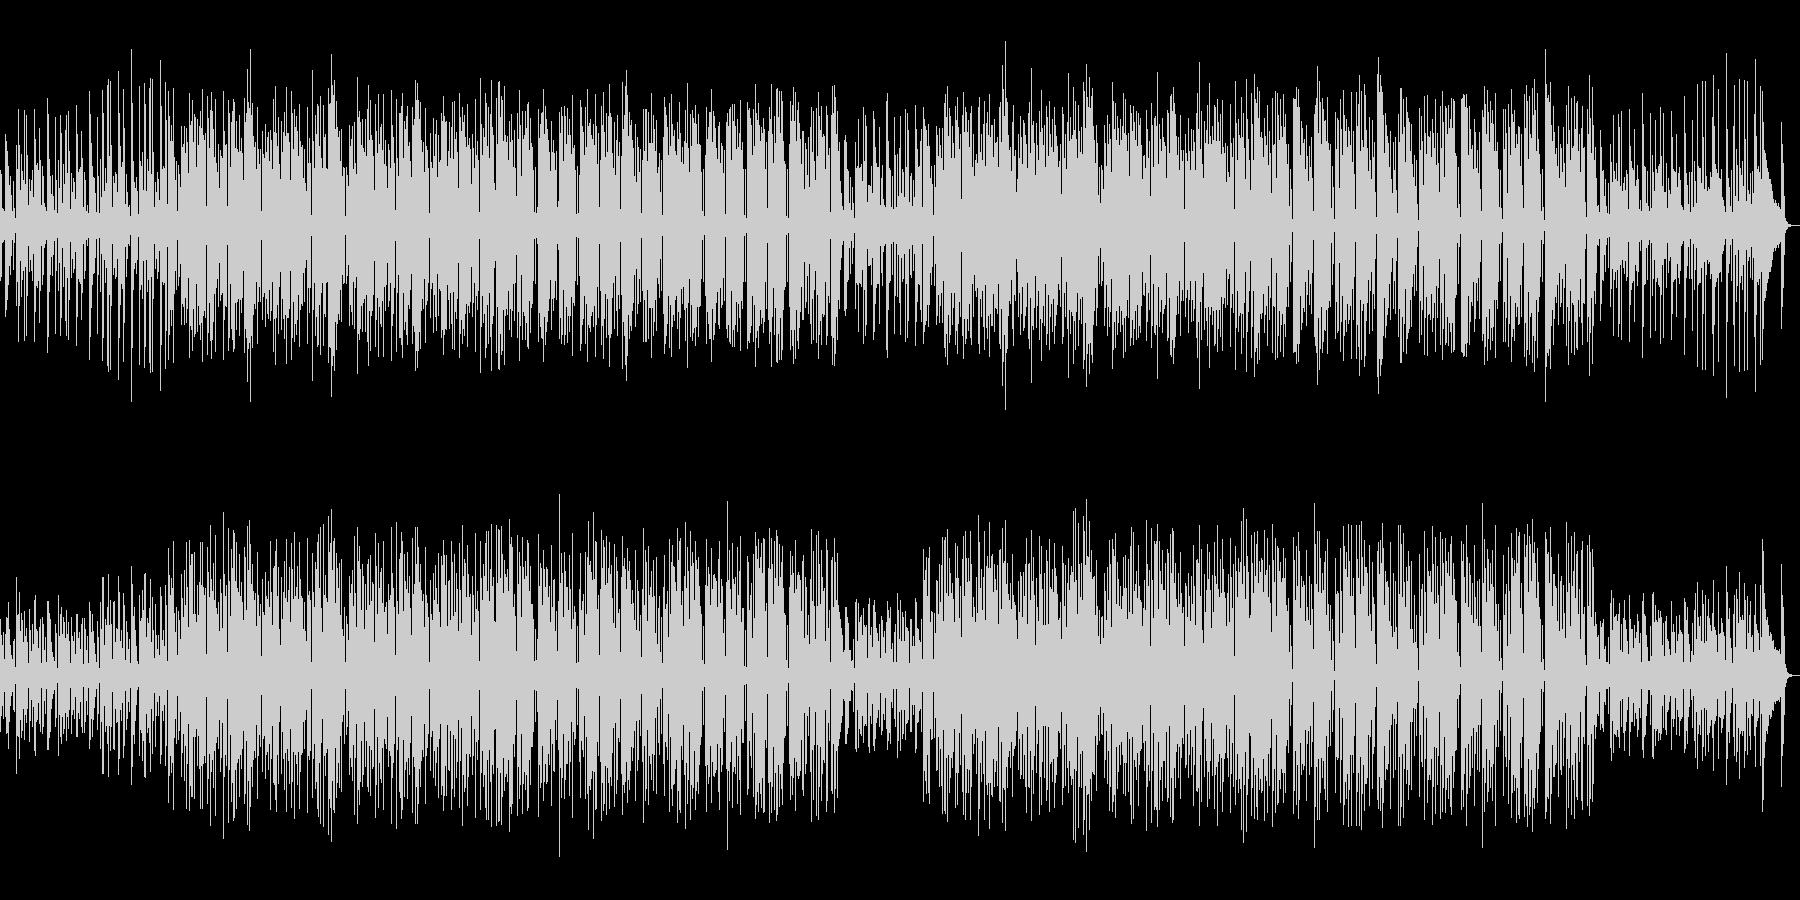 ほのぼのしたボサノヴァティストの曲の未再生の波形